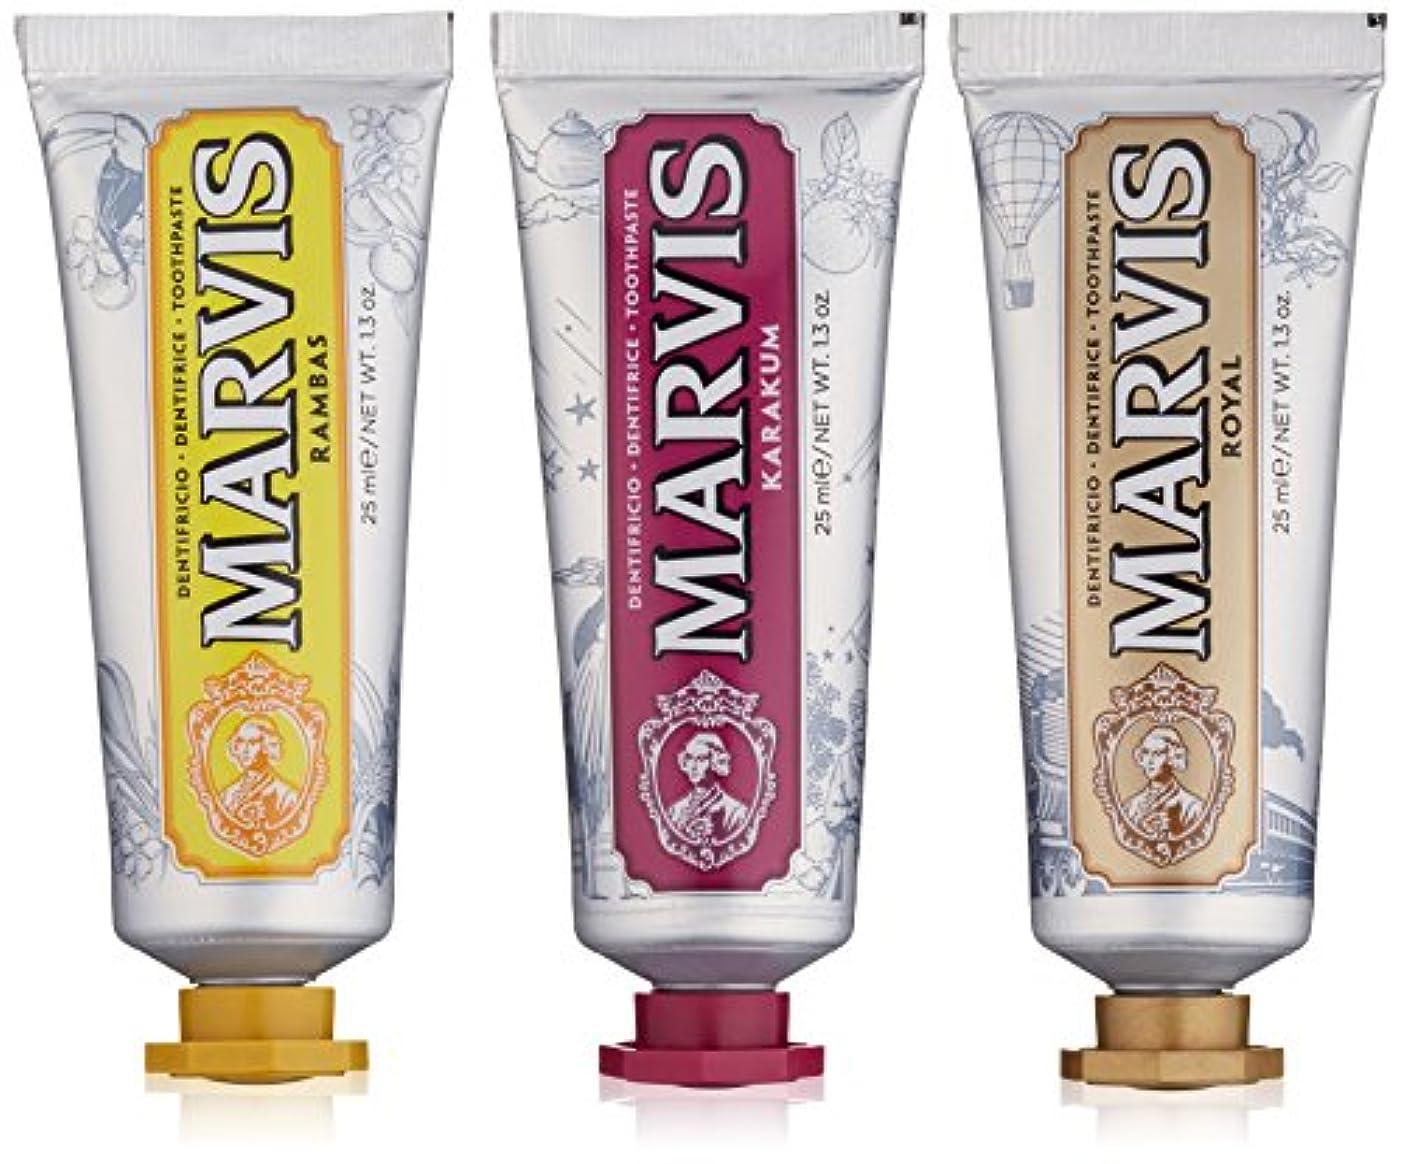 優遇全滅させる適用するMARVIS(マービス) ワンダーズオブザワールド コレクション (歯みがき粉) 25ml x 3本